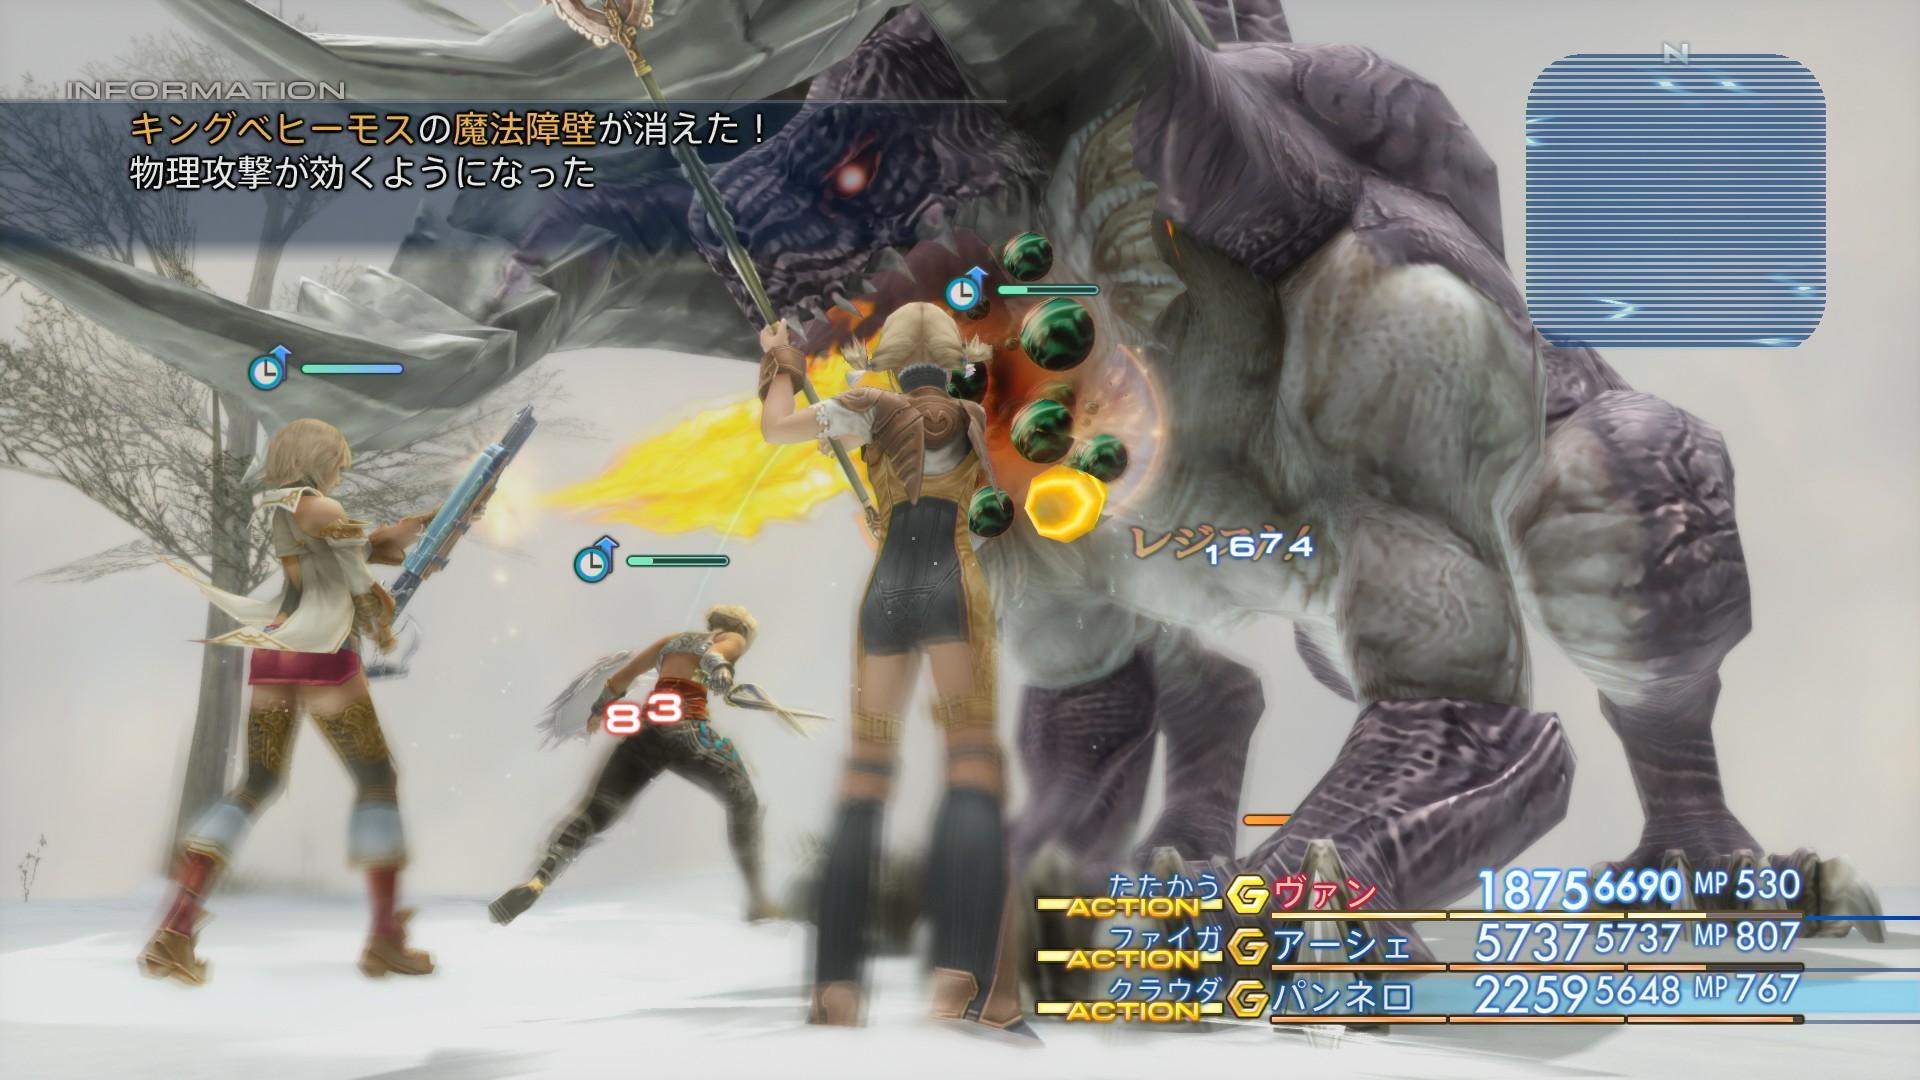 Lov, klany a nepřátelé z Final Fantasy XII: The Zodiac Age na screenshotech 146302